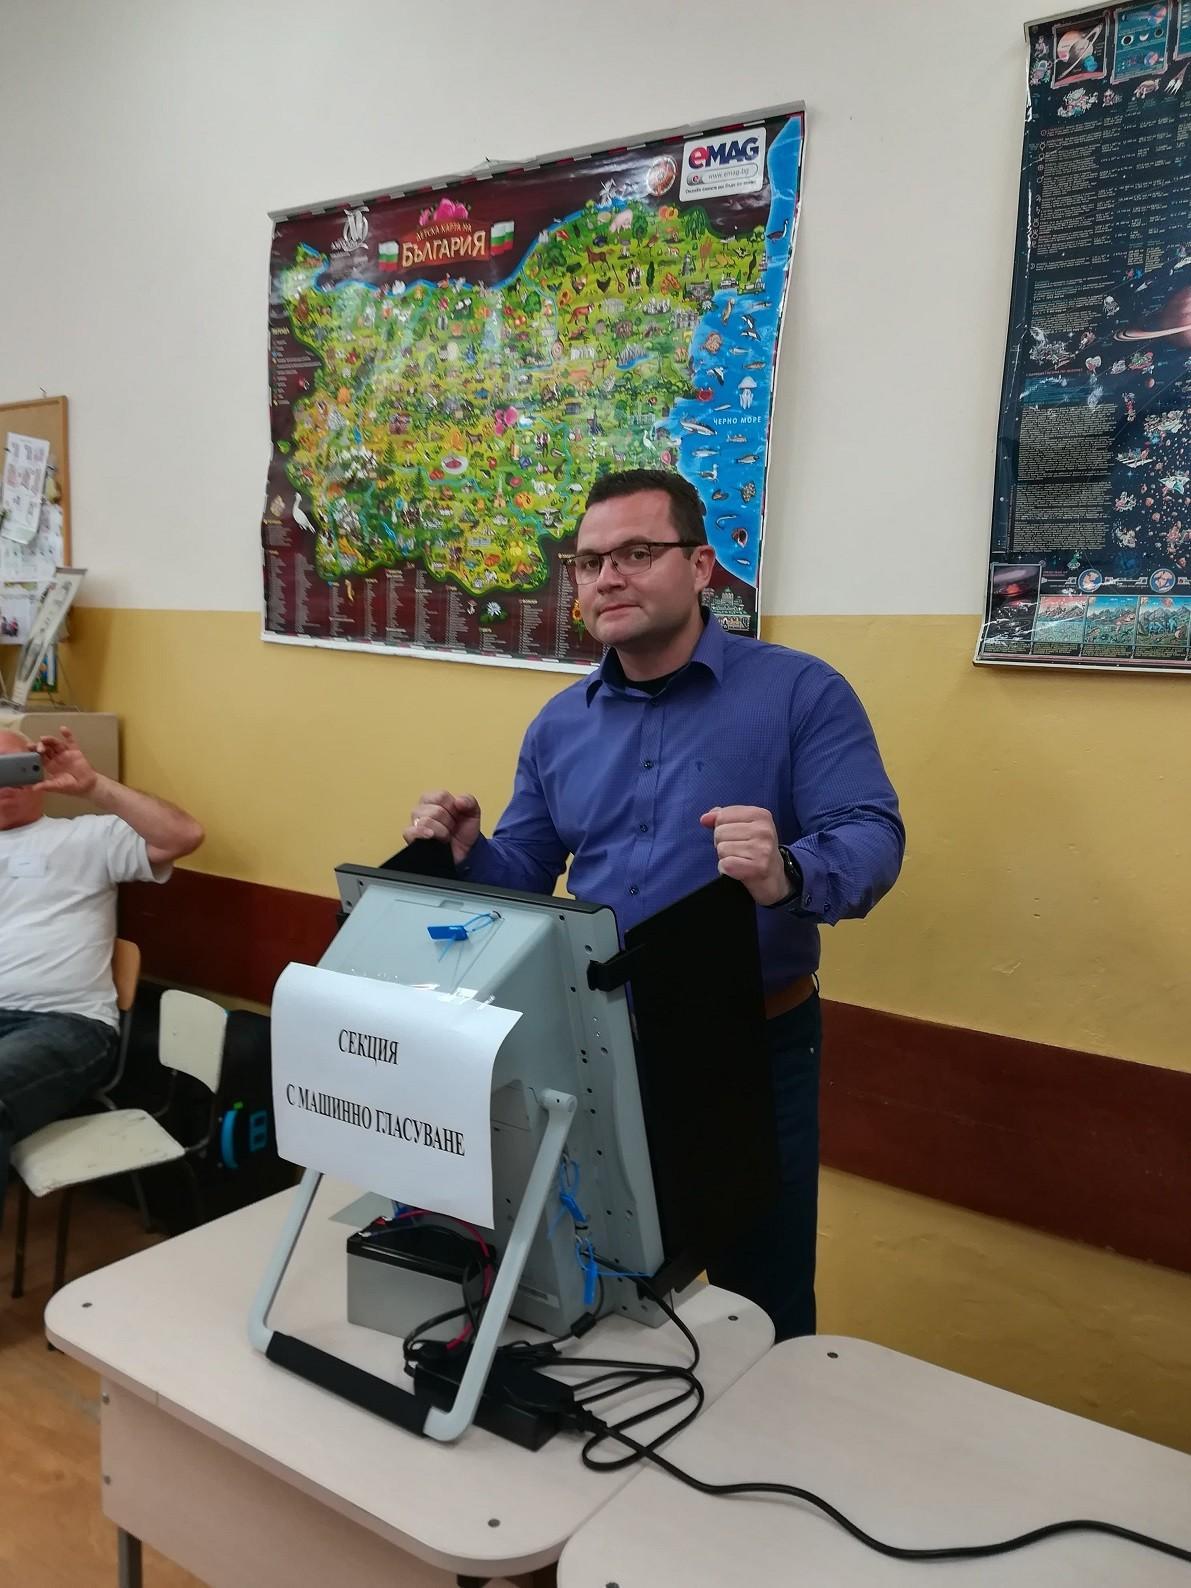 Пенчо Милков: Гласувах за промяната, за спиране на грабителството и за силна Европа.